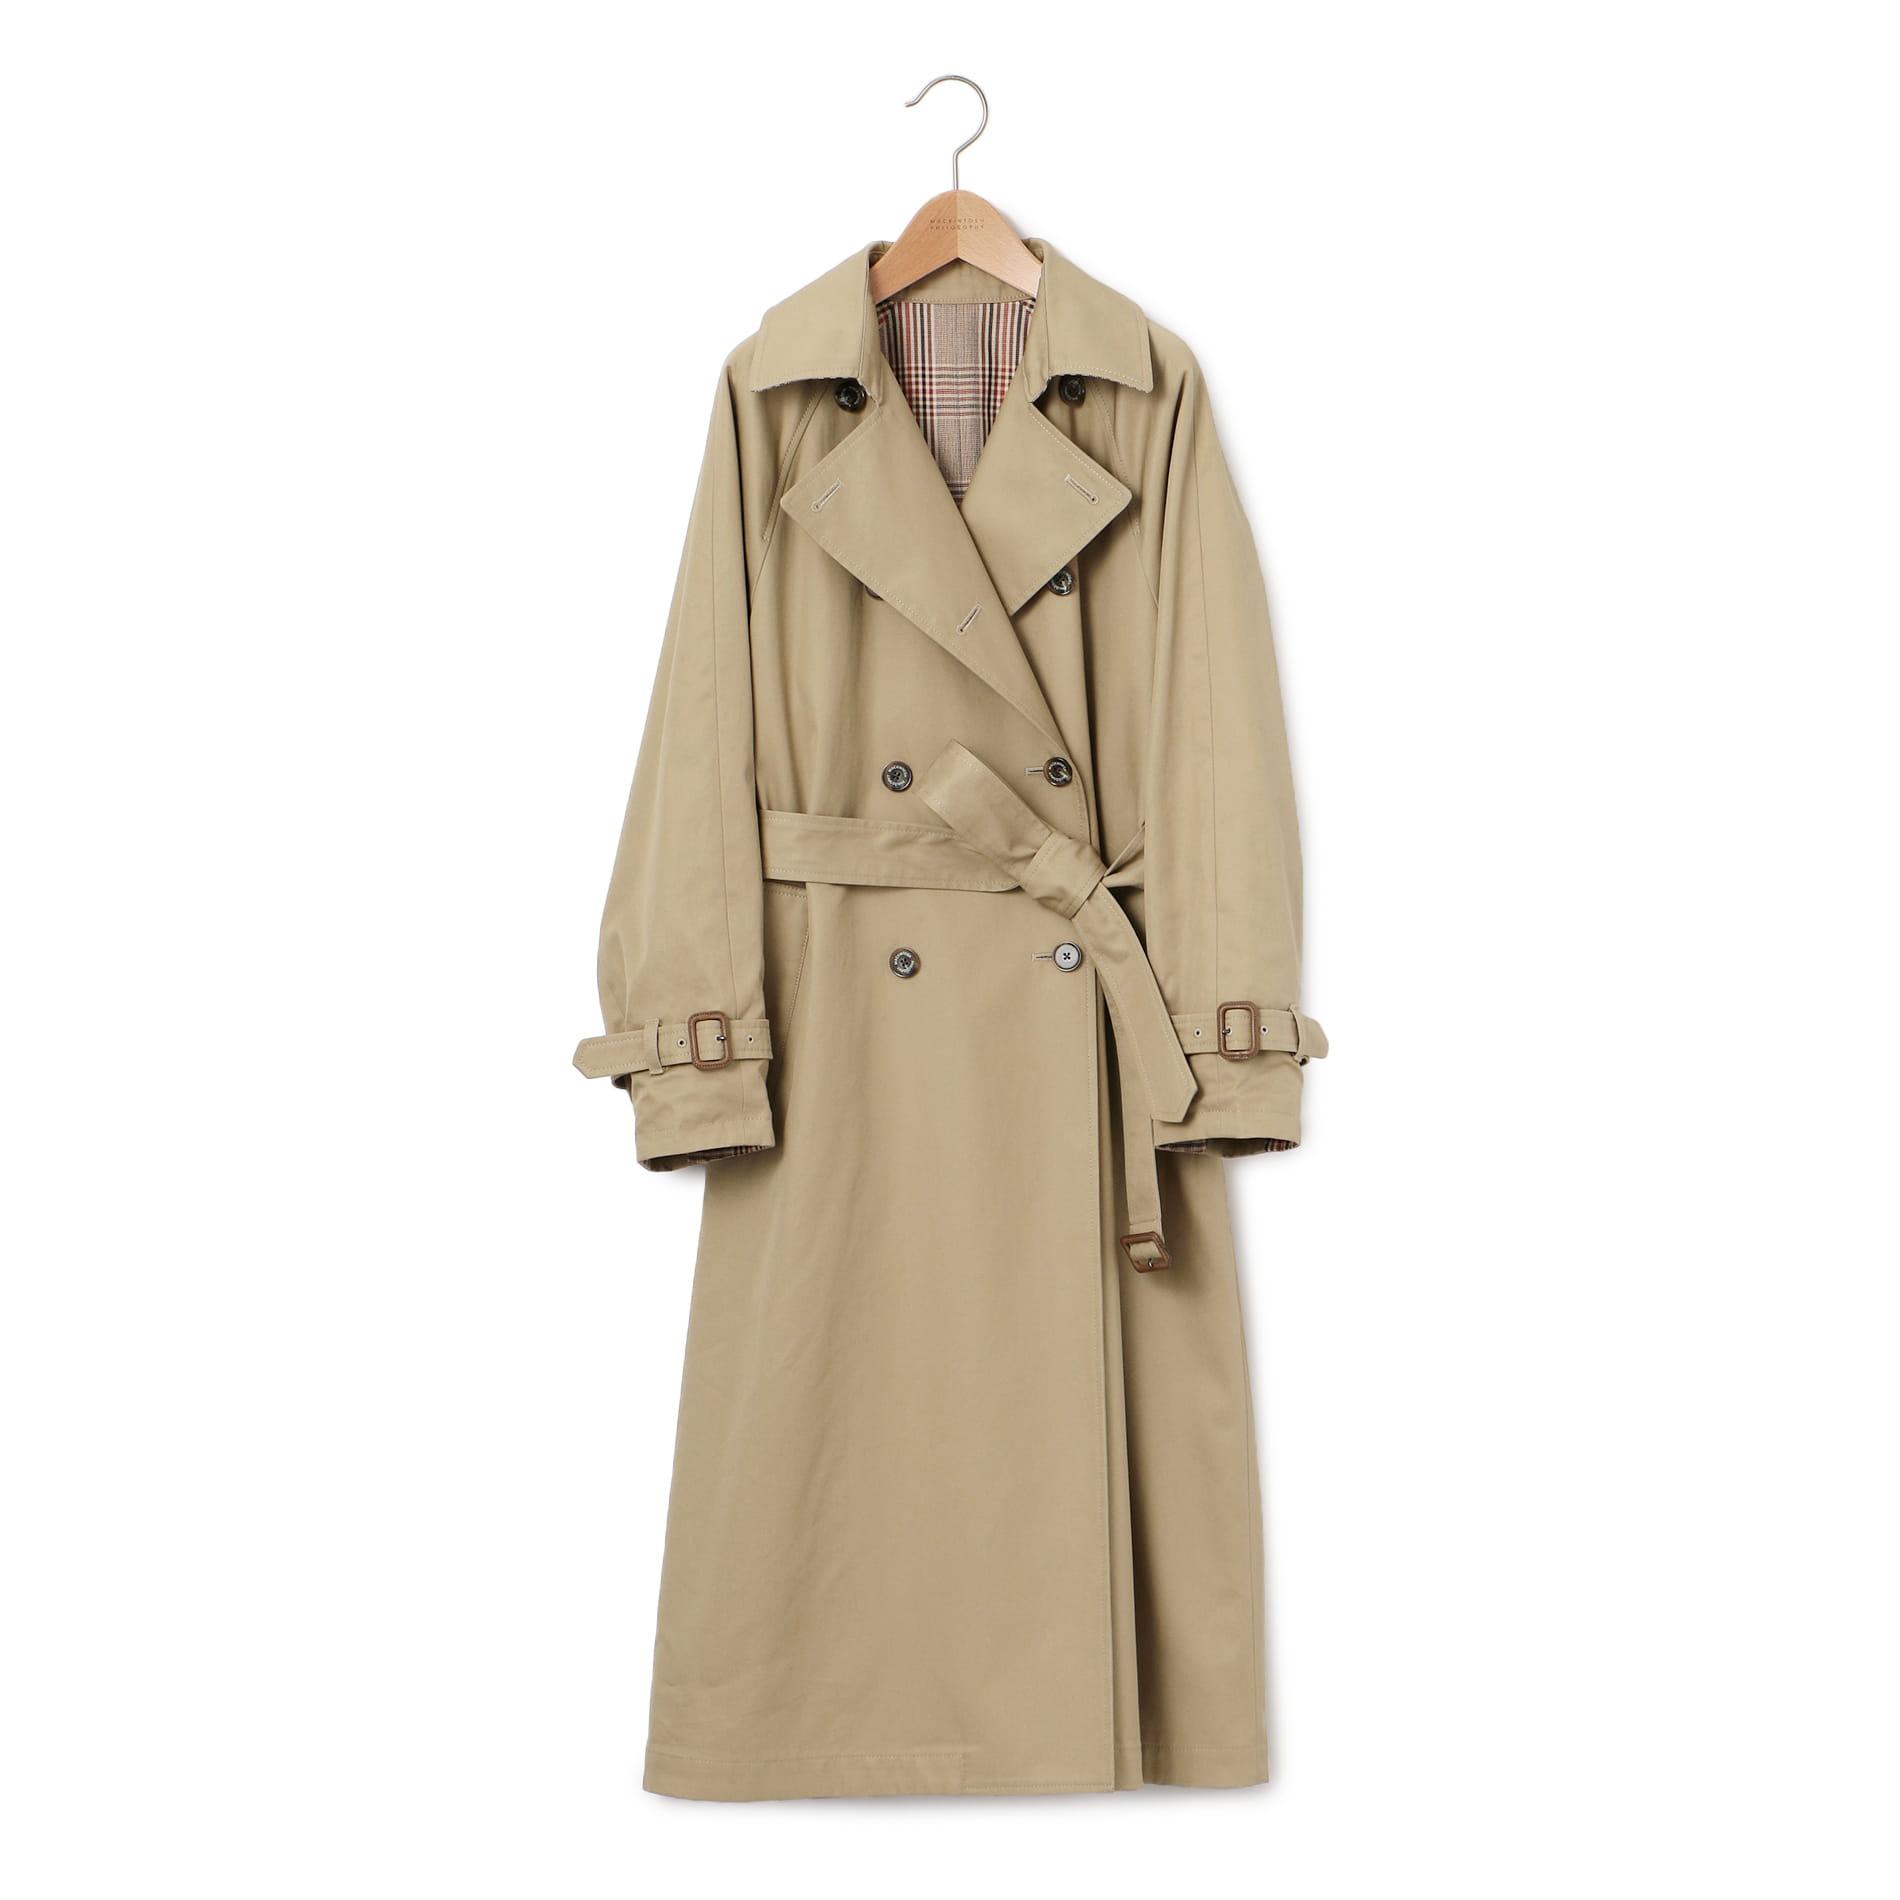 finest selection ae61d b7346 コート - WOMEN - リバーシブルトレンチコート - MACKINTOSH ...